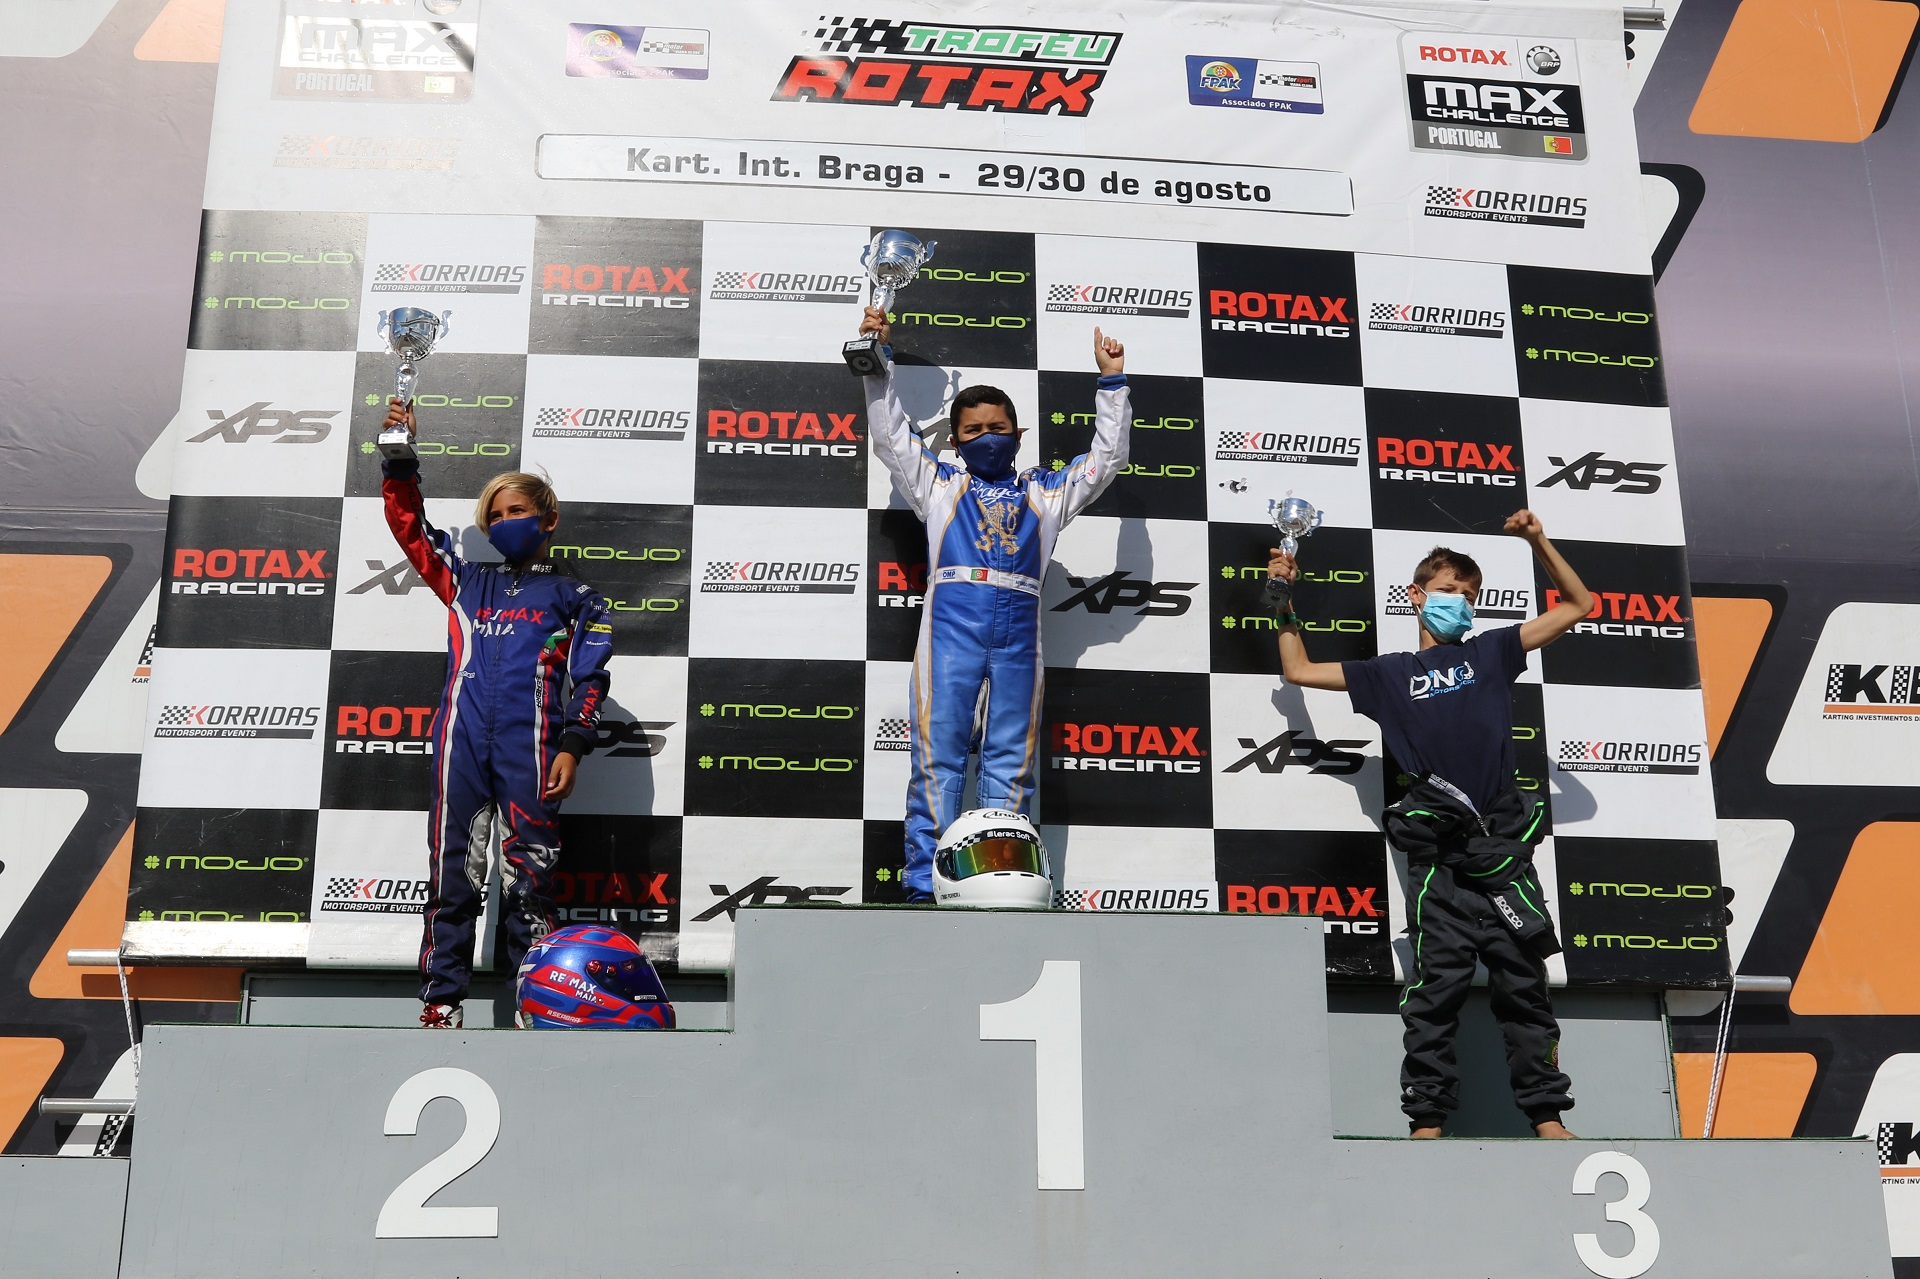 Afonso Ferreira estreia-se a ganhar na categoria Micro-Max do Troféu Rotax